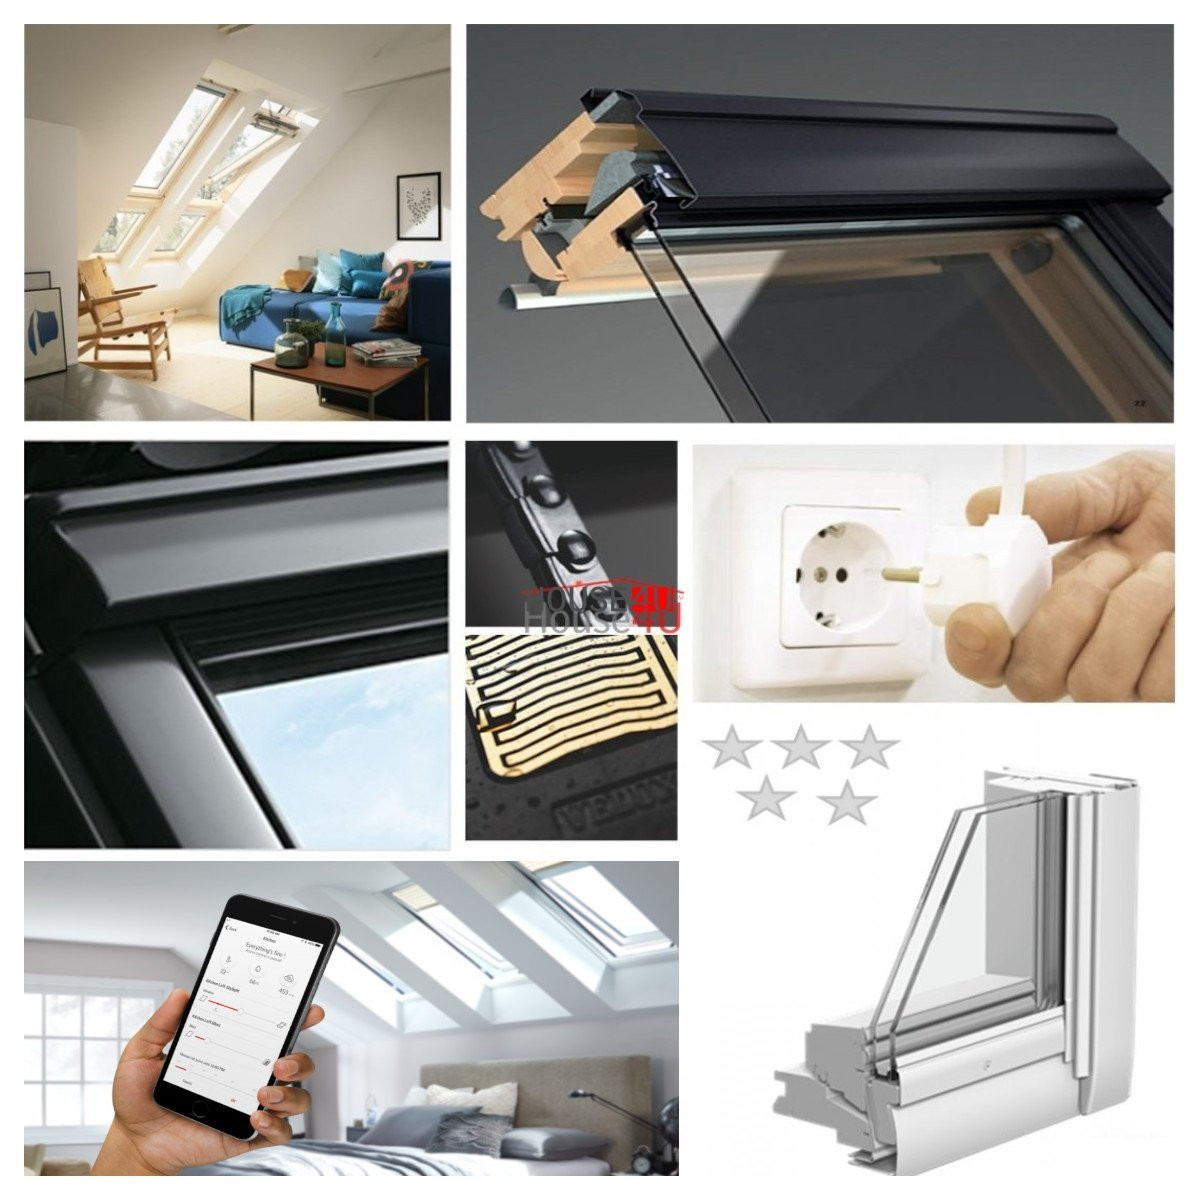 Full Size of Veluintegra Dachfenster Ggl 306821 Elektrofenster Aus Holz Velux Fenster Ersatzteile Preise Kaufen Einbauen Rollo Wohnzimmer Velux Scharnier